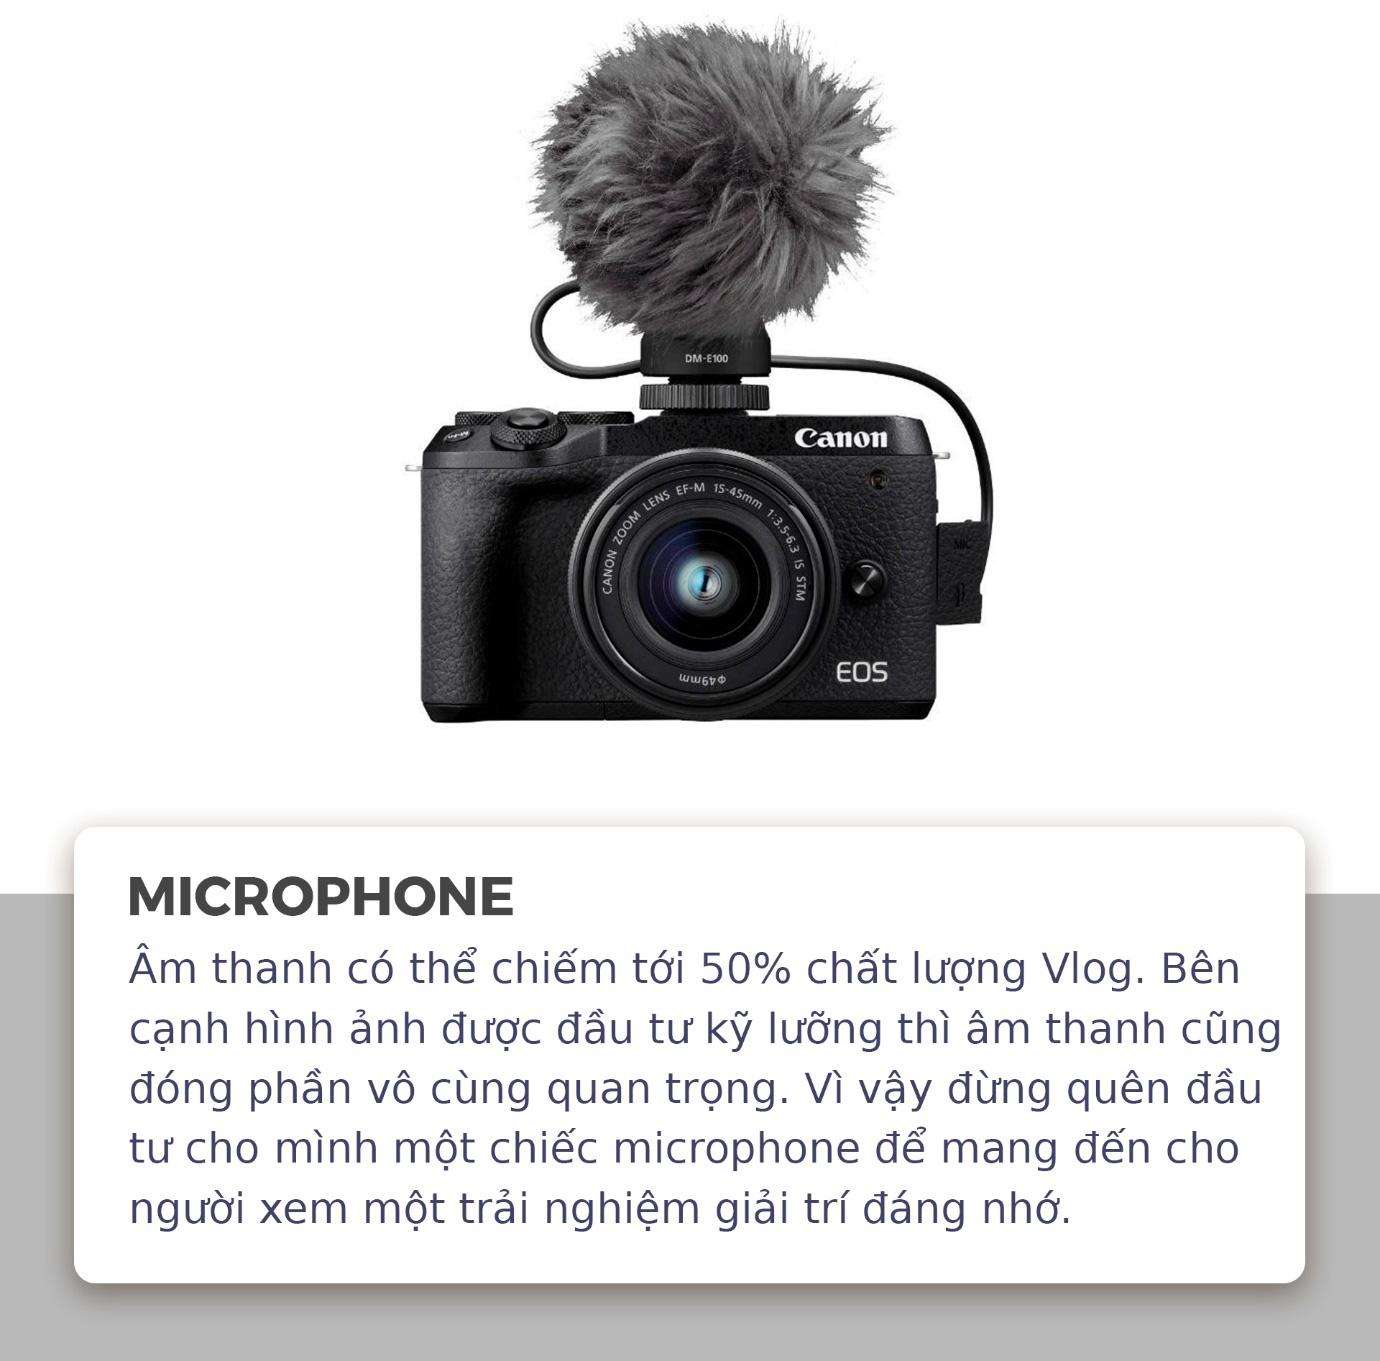 Nếu bạn đam mê làm Vlog thì tuyệt đối đừng bỏ qua những thiết bị này - Ảnh 1.